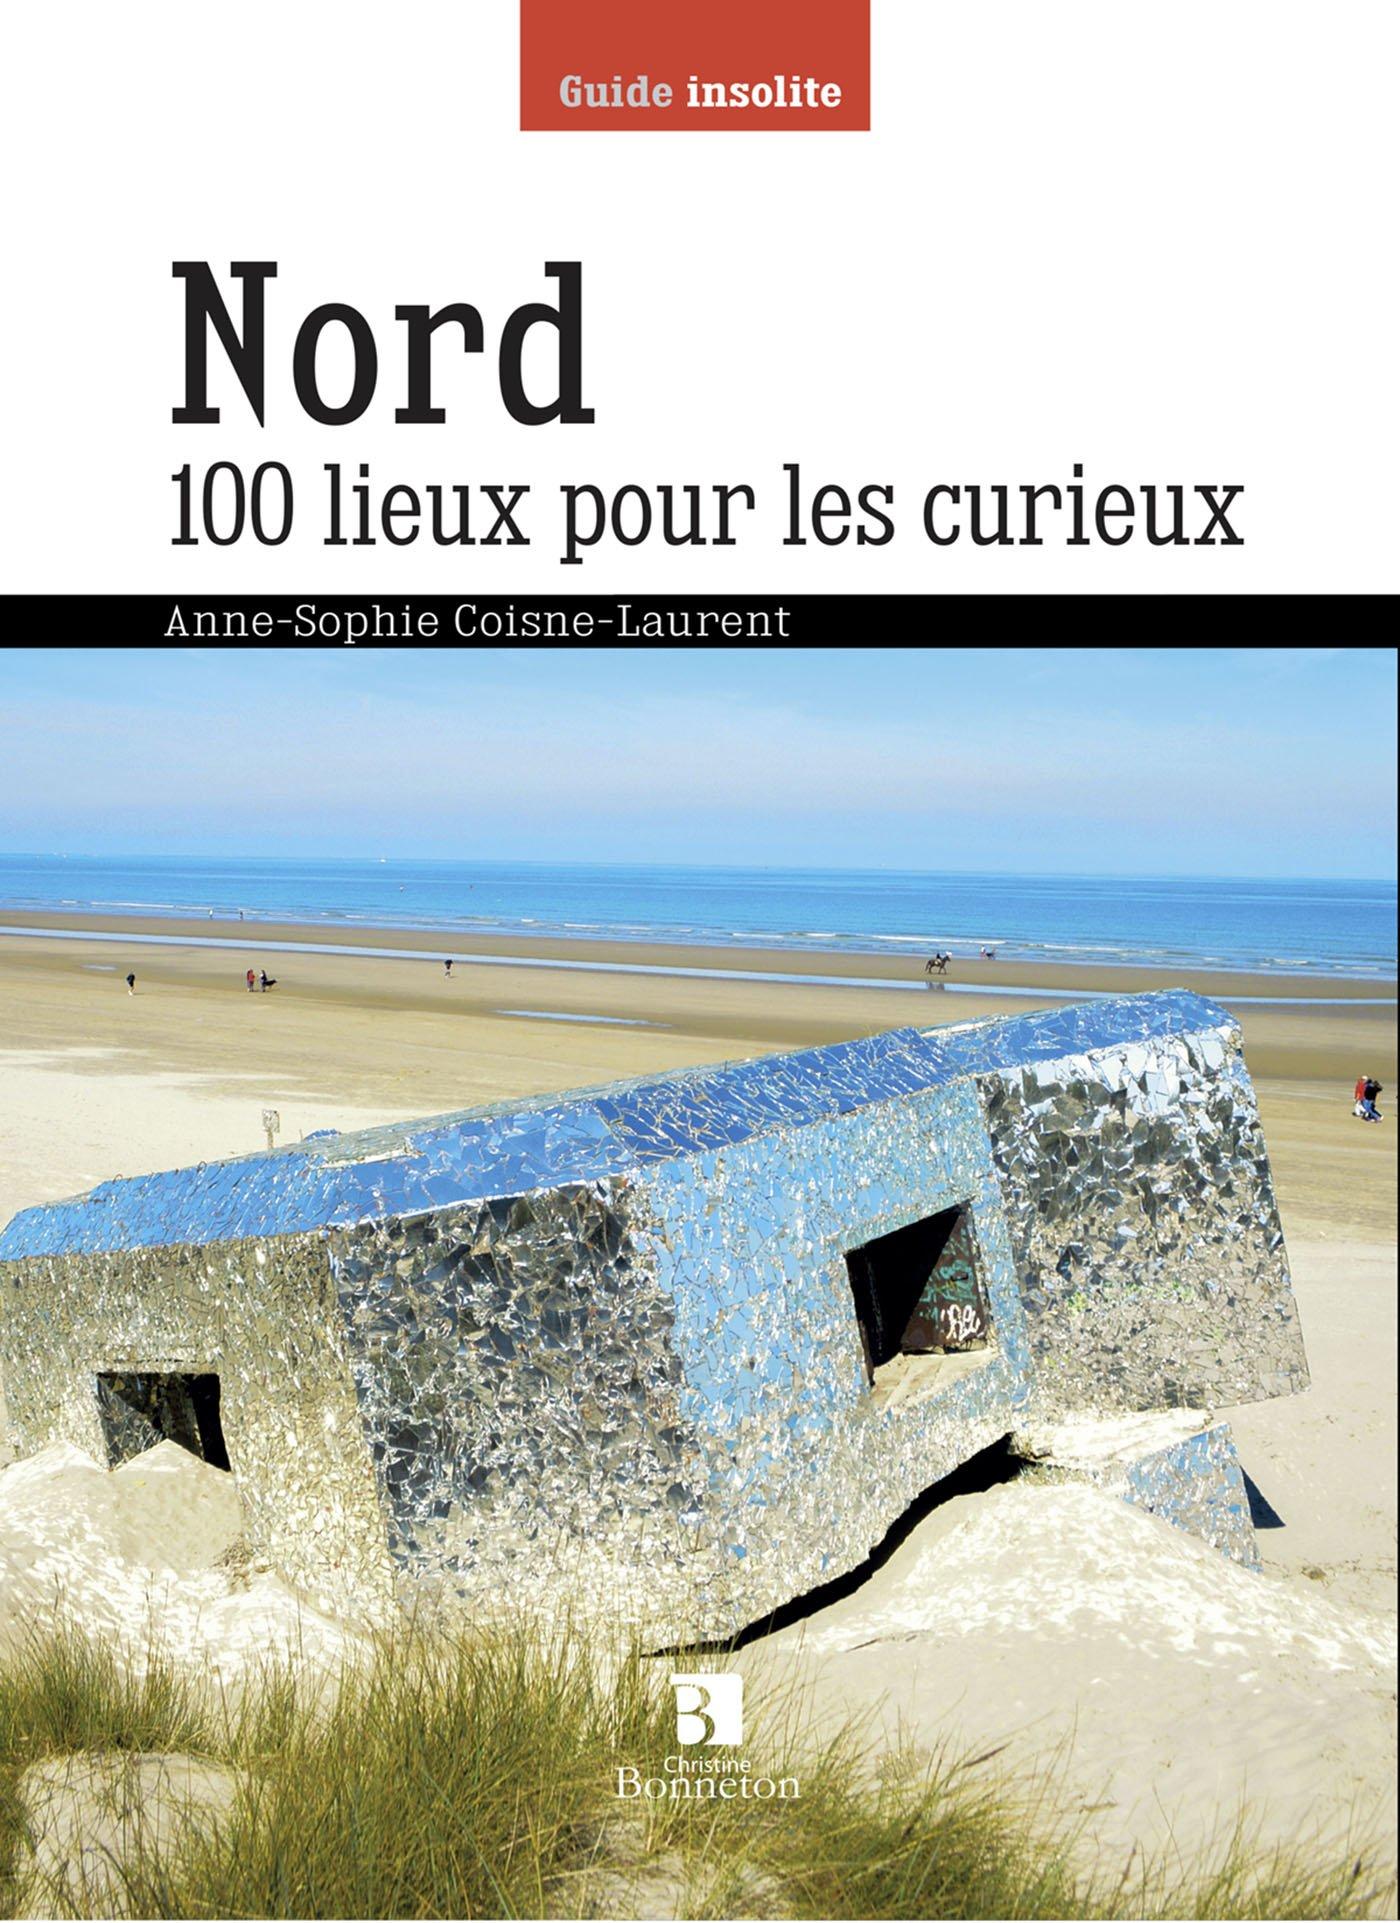 NORD 100 LIEUX POUR LES CURIEUX Broché – 15 octobre 2016 A-S. Cosnes-Laurent Editions Christine Bonneton 2862537063 Guides touristiques